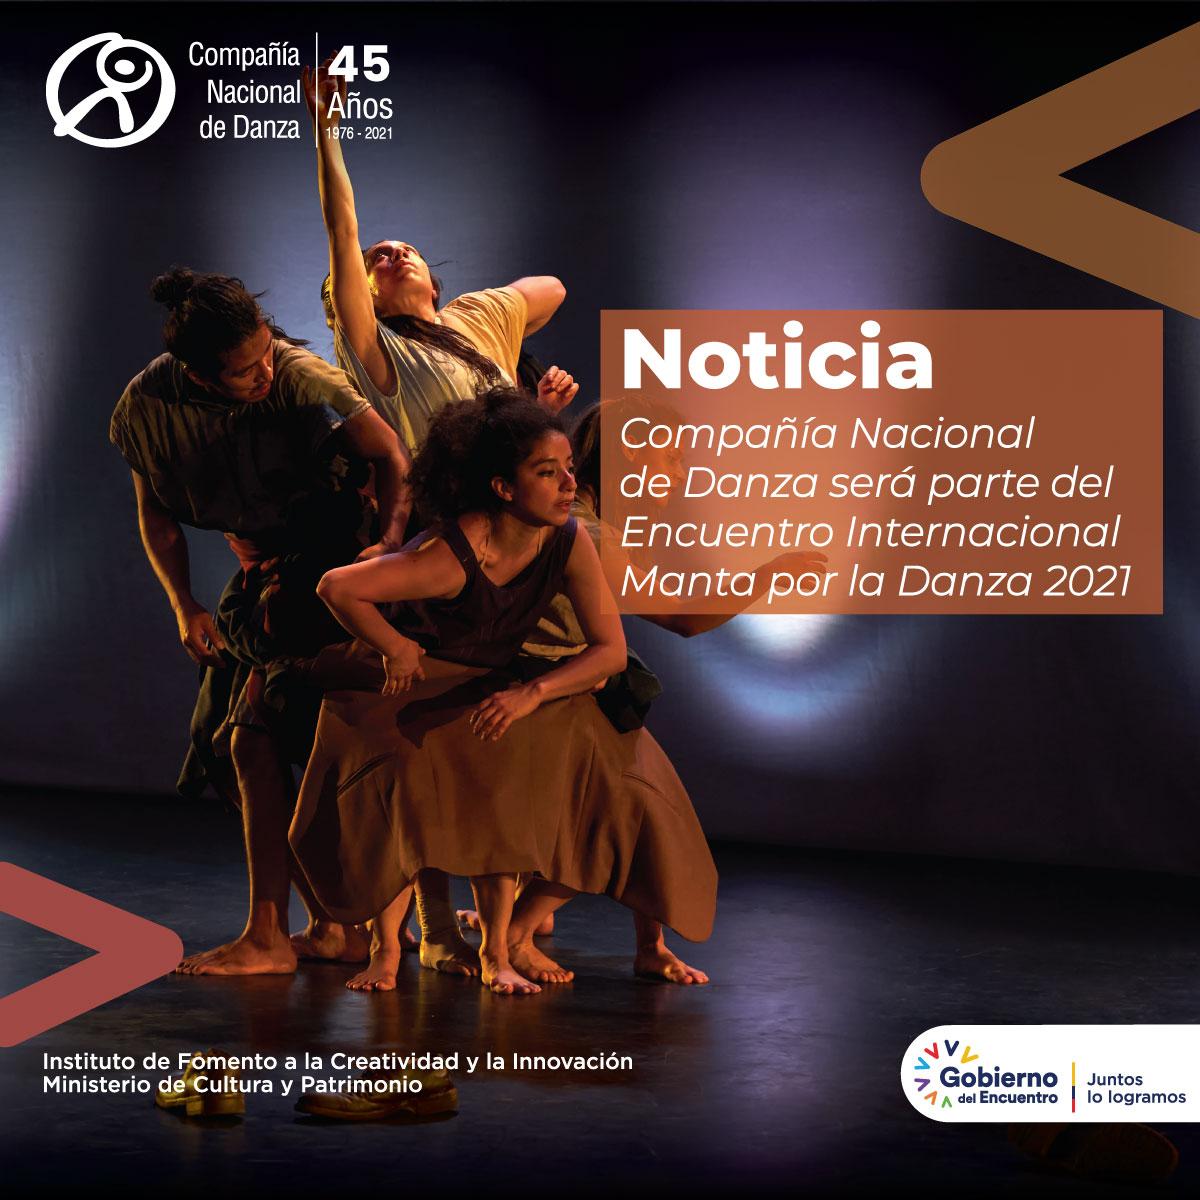 Compañía será parte del Encuentro Internacional Manta por la Danza 2021